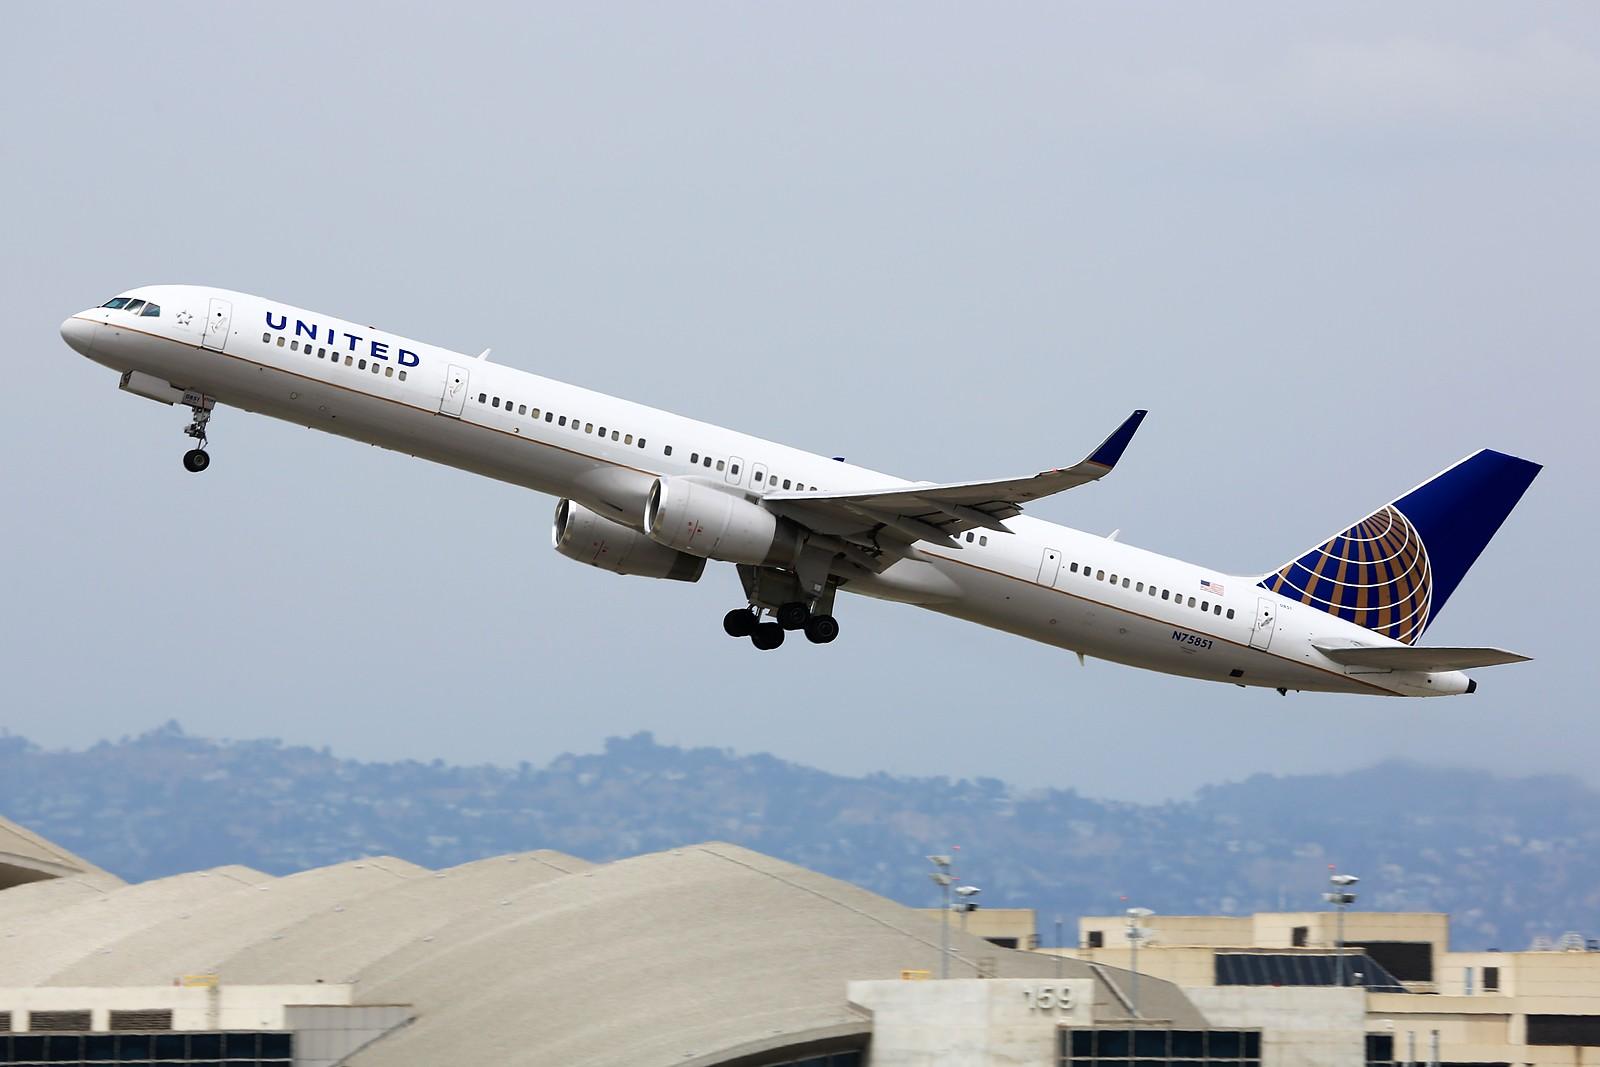 Re:[原创]【LAX】**********Imperial Hill小合集:重载拉起们的日常[1600*1067]********** BOEING 757-300 N75851 美国洛杉矶机场